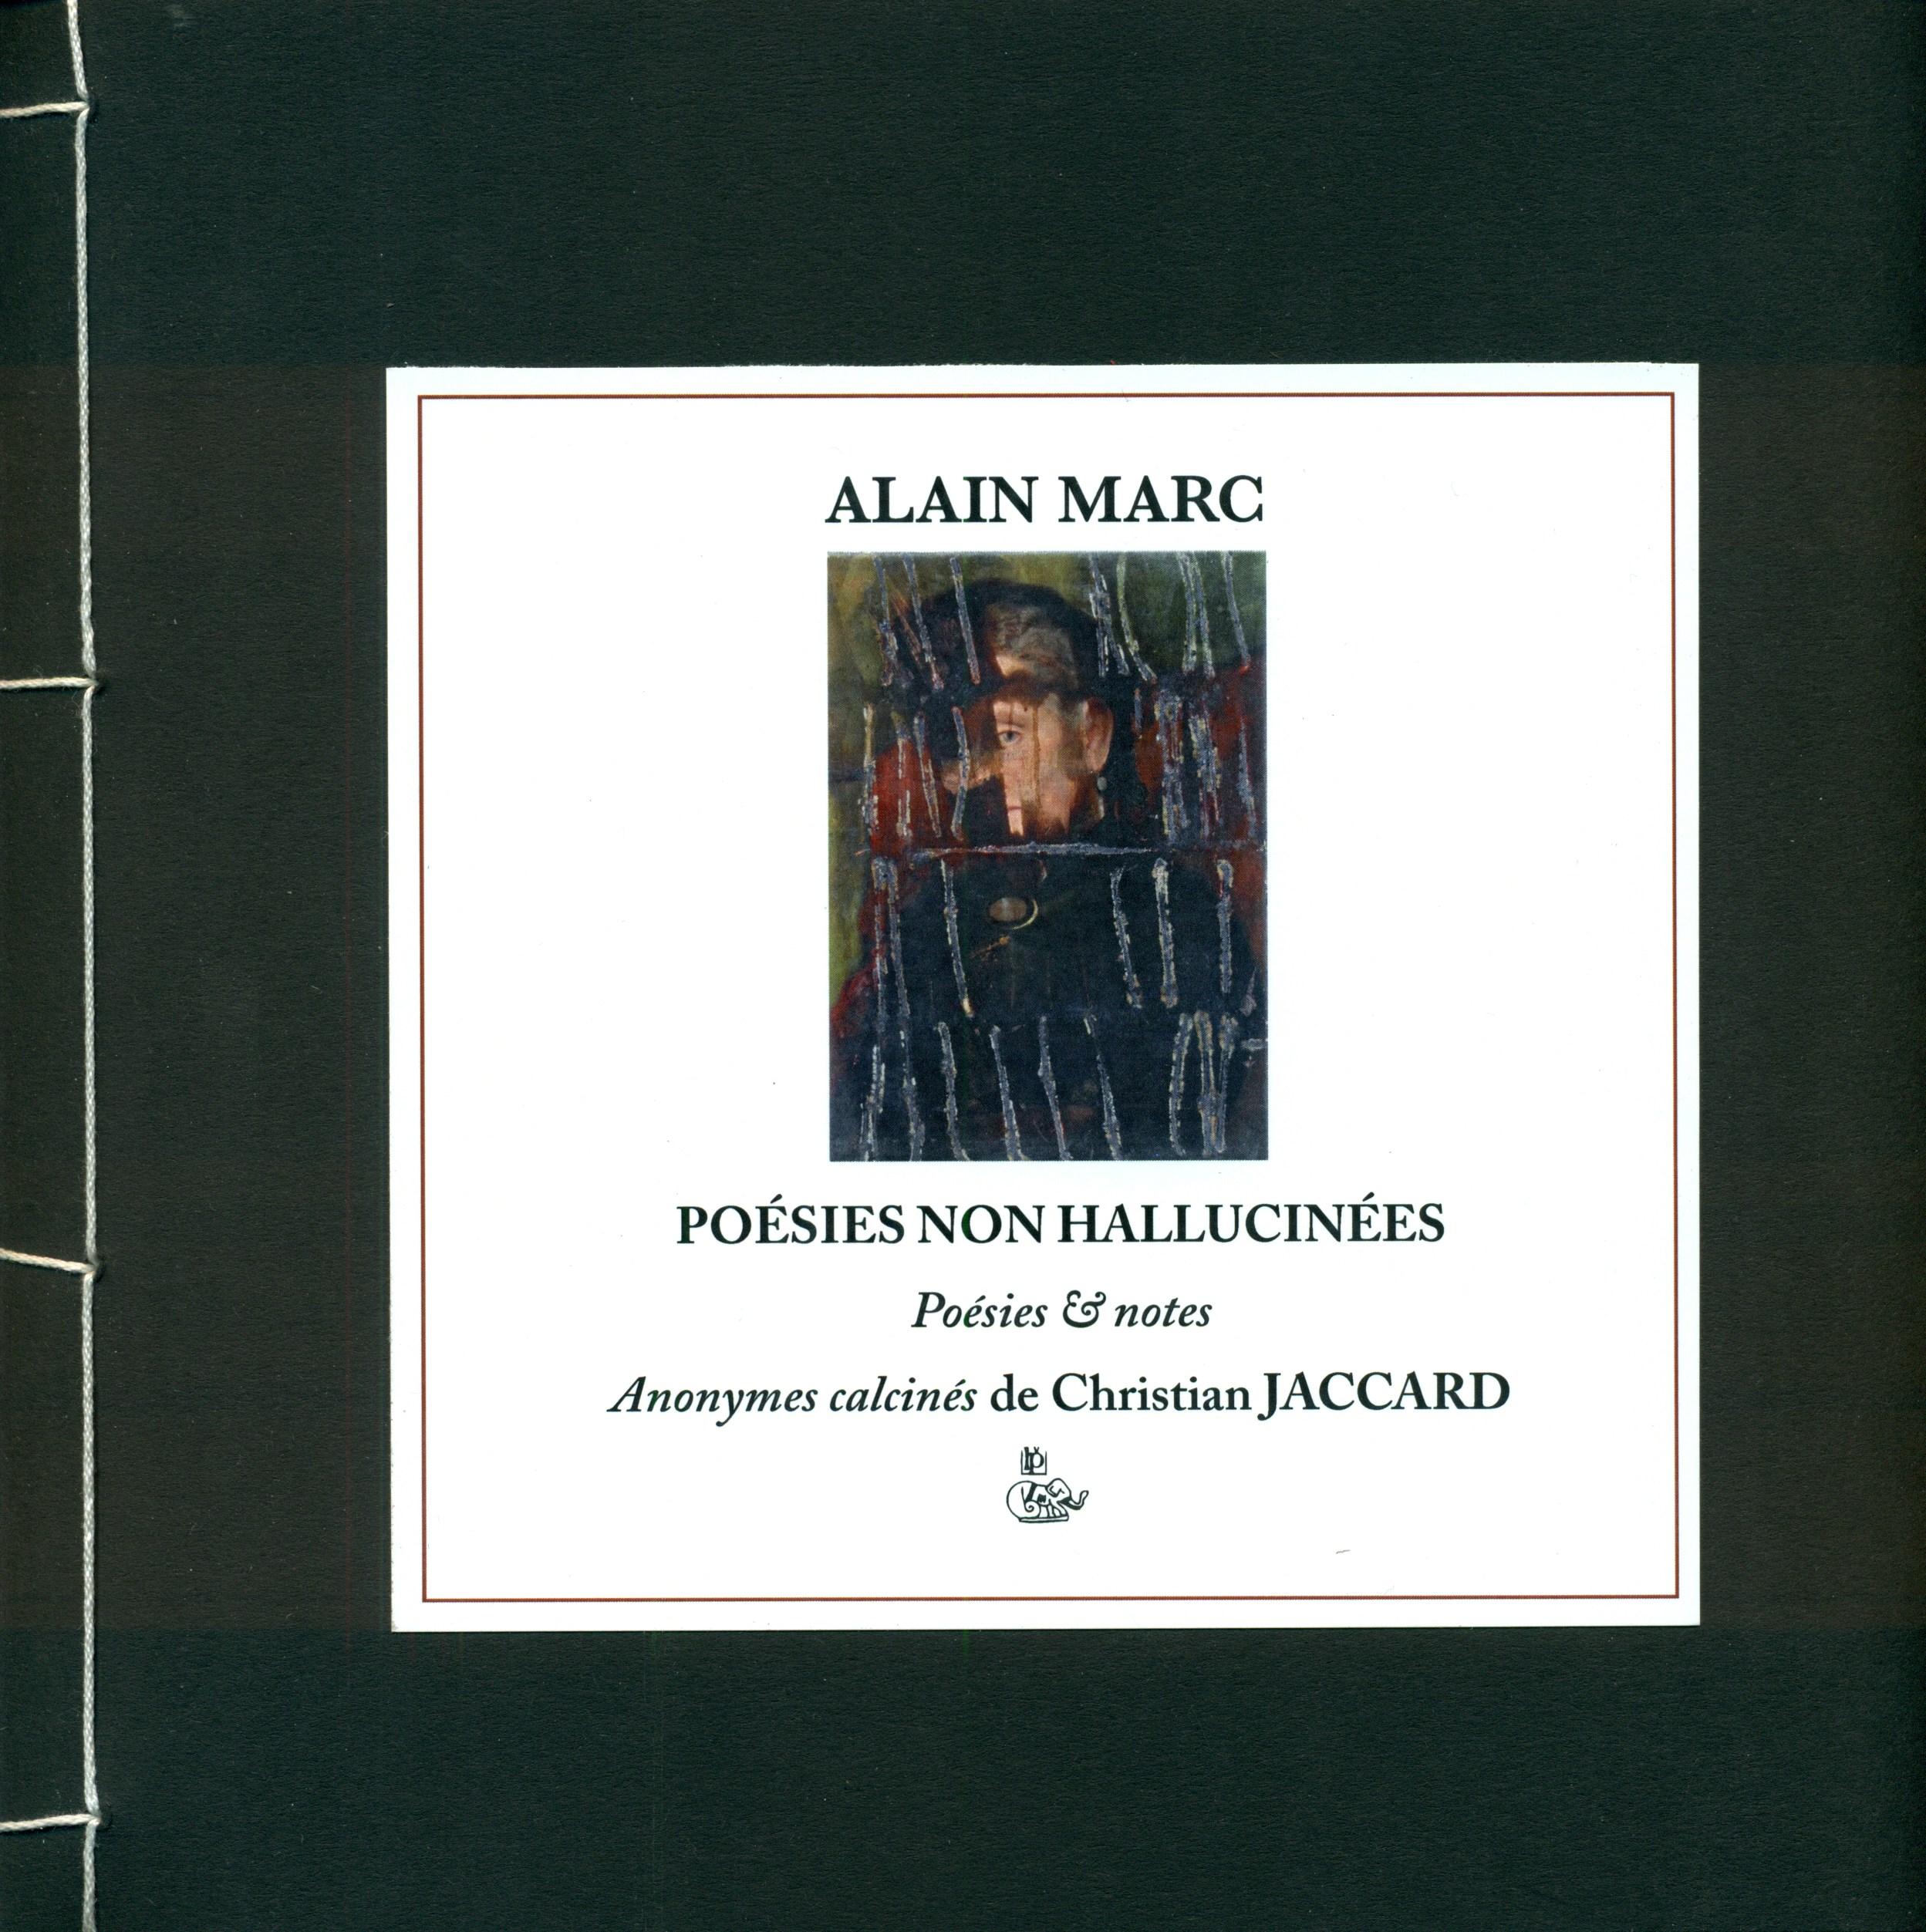 Alain MARC, Poésies non hallucinées, L'Or du temps, Editions du petit véhicule, Nantes, 2017, 128 pages.